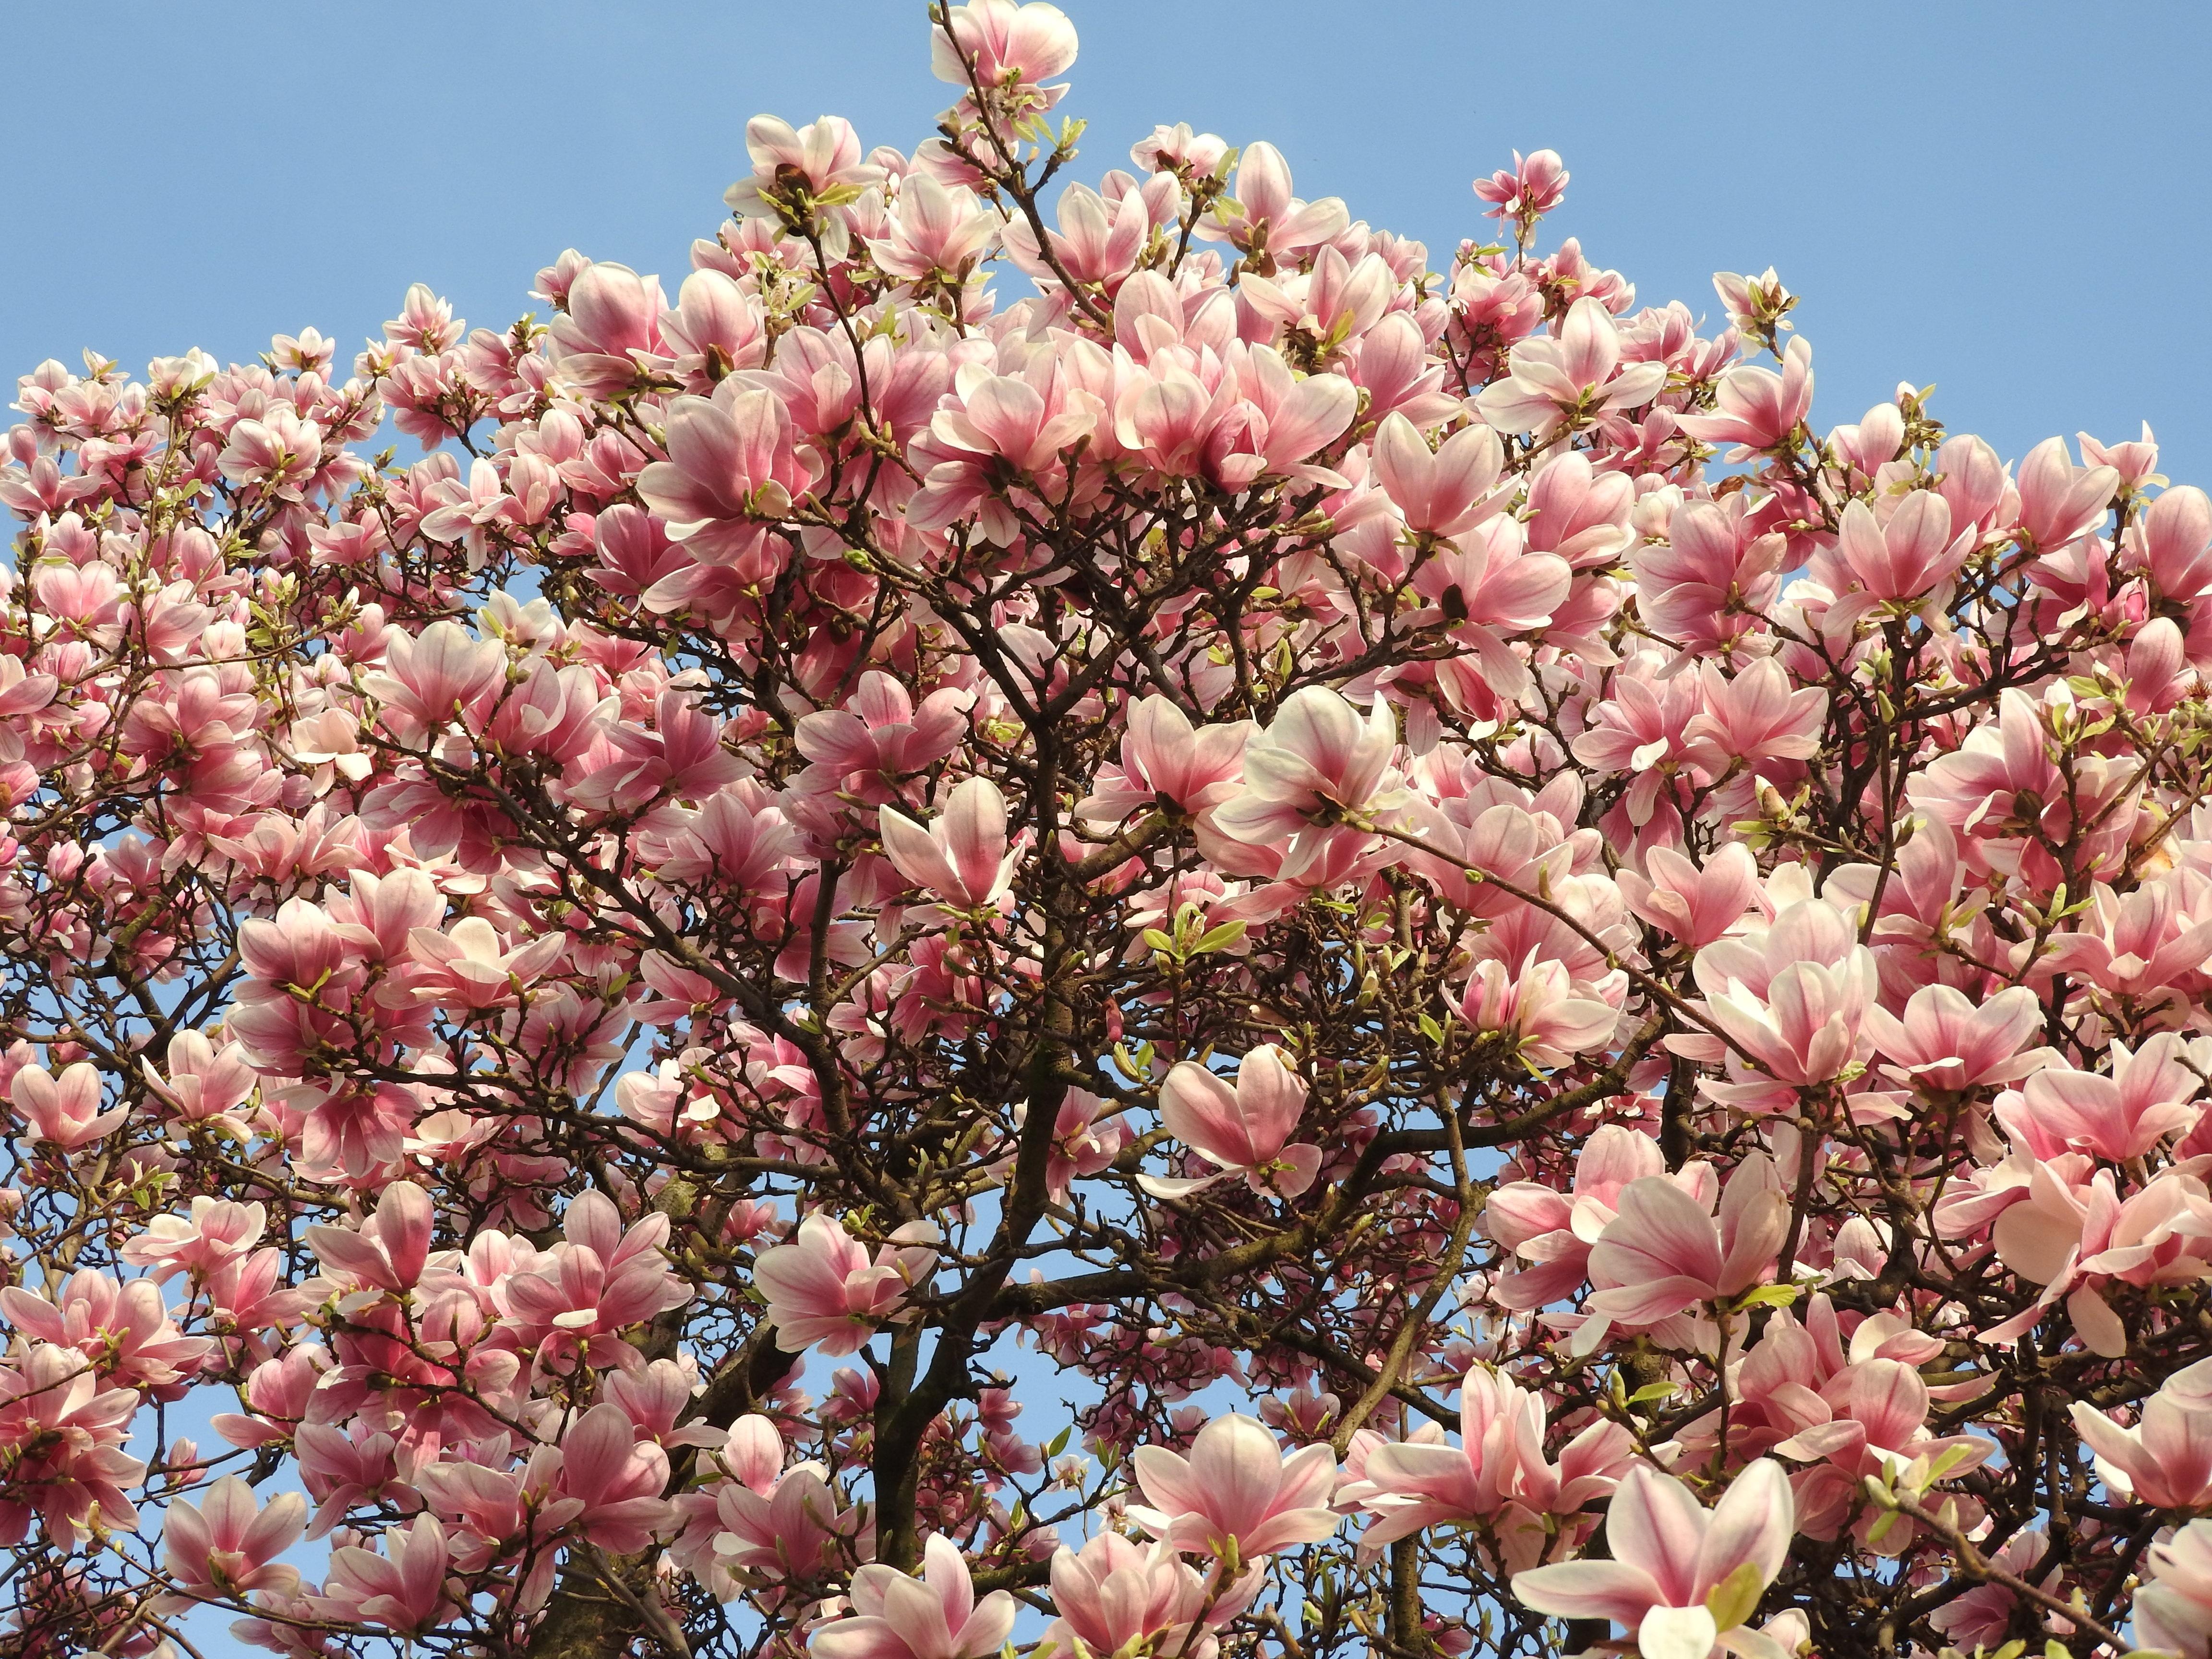 позволяет как цветут российские деревья фото время